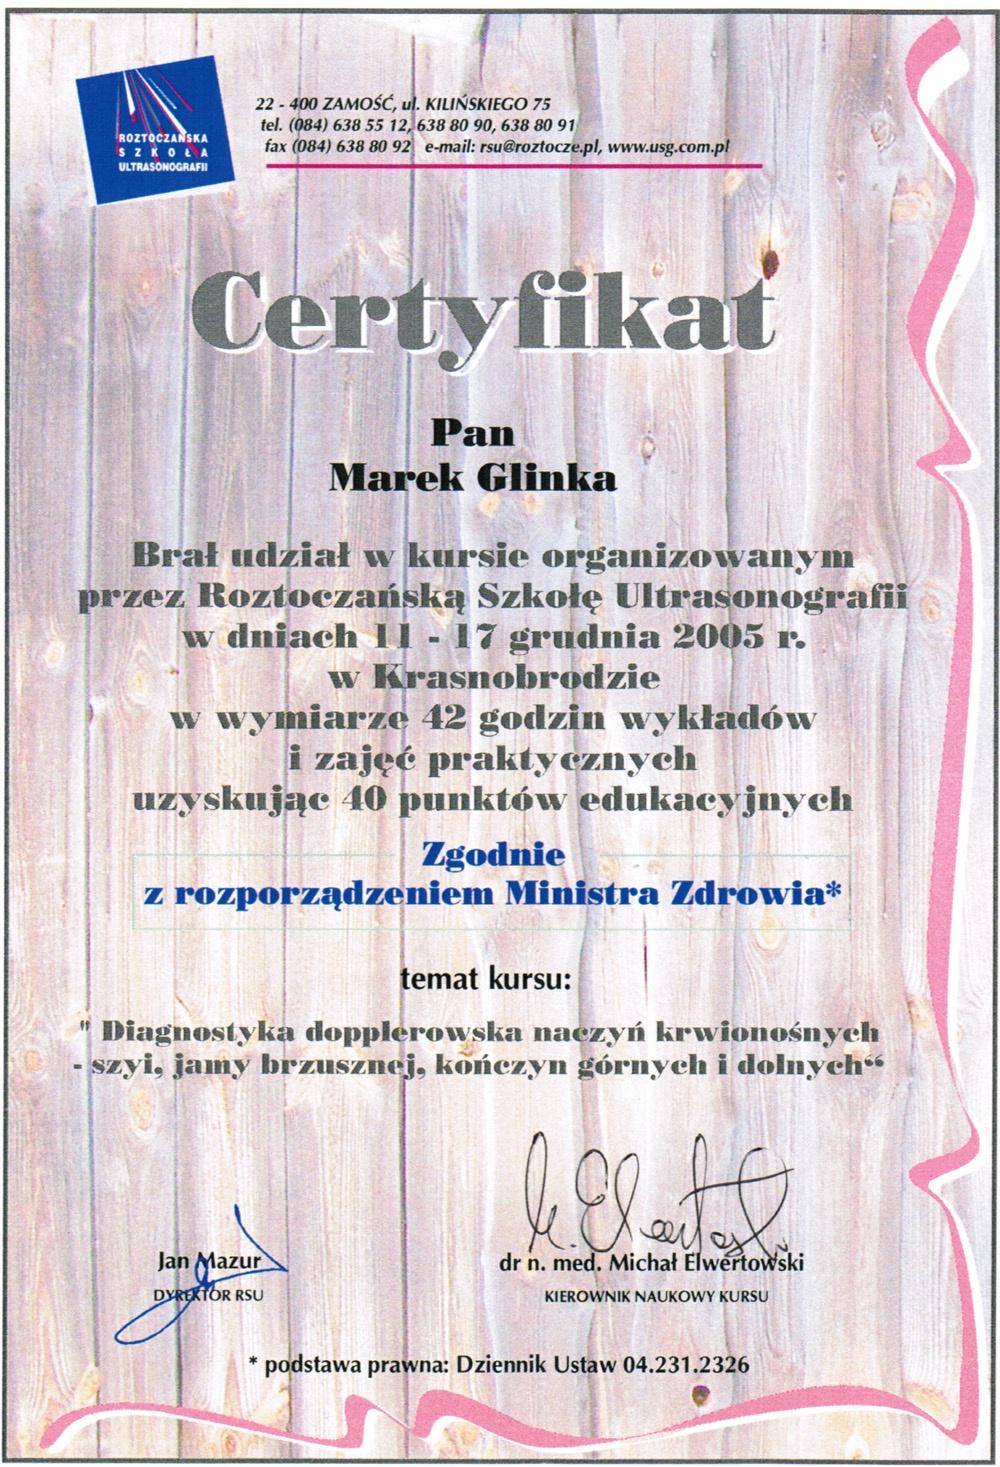 2005_12_11-17_marek_glinka_chiruria_zyl